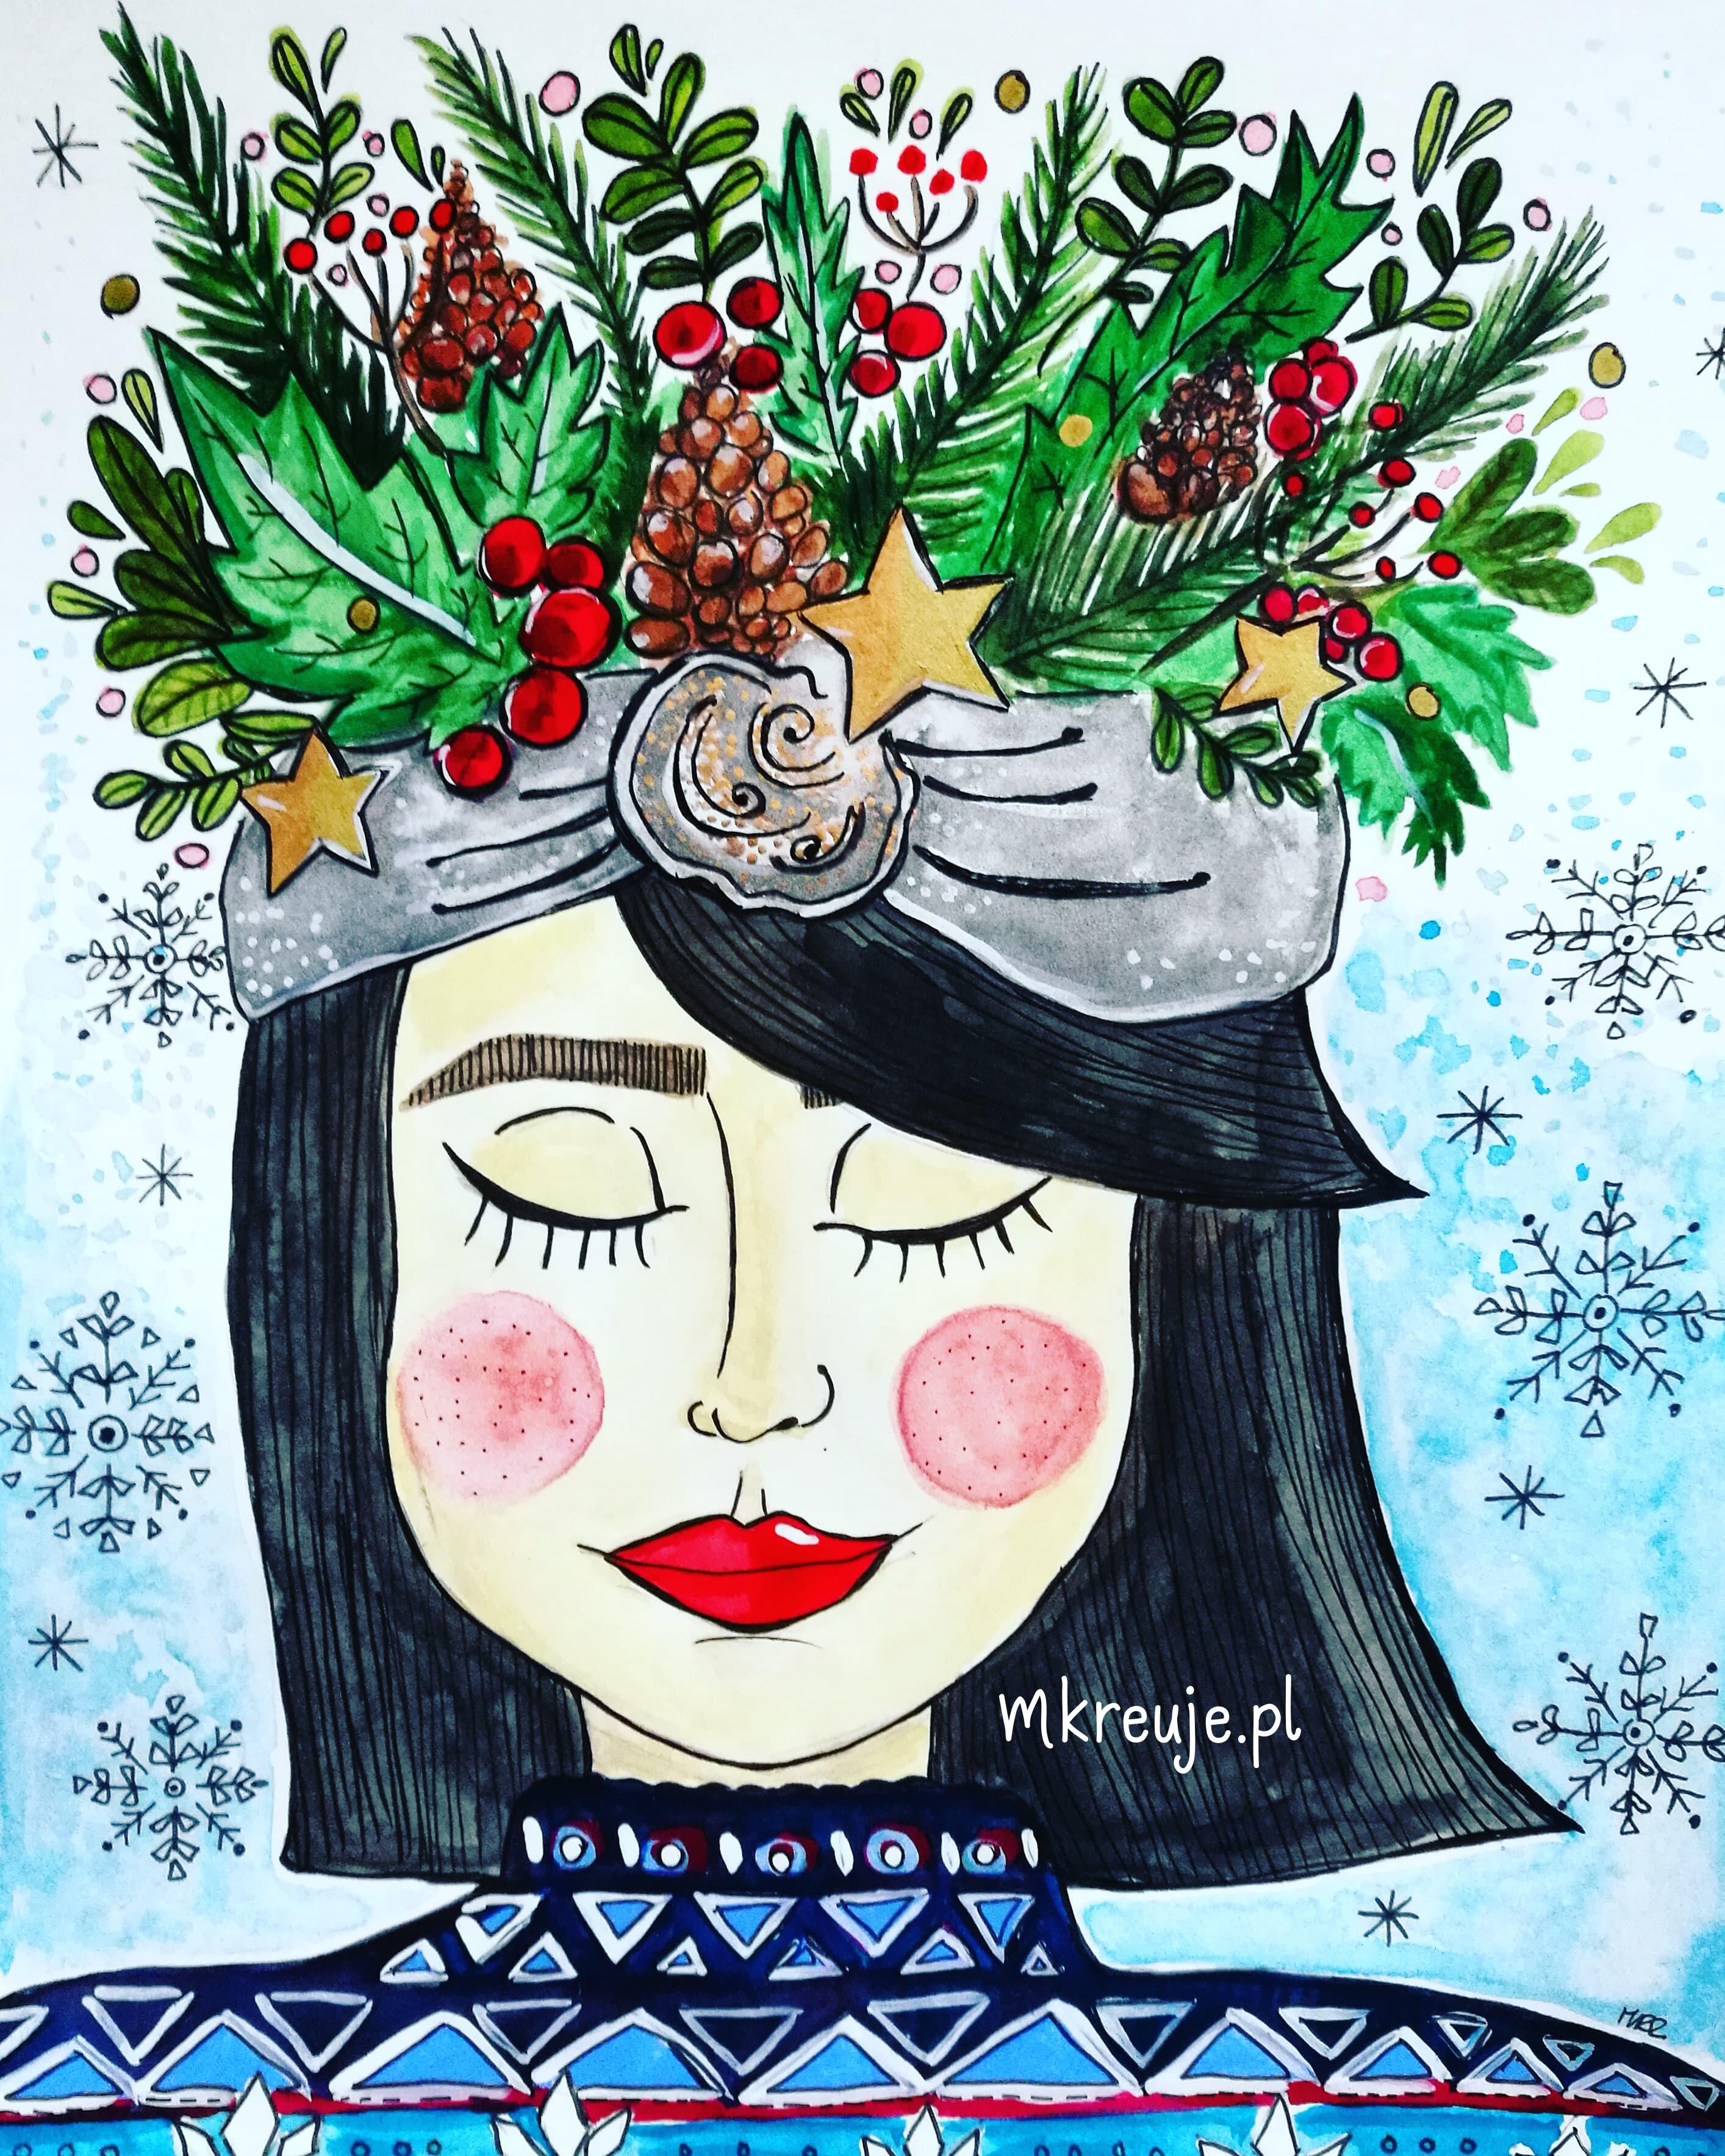 przyszła zima, ilustracja, akwarele, pani zima, mkreuje